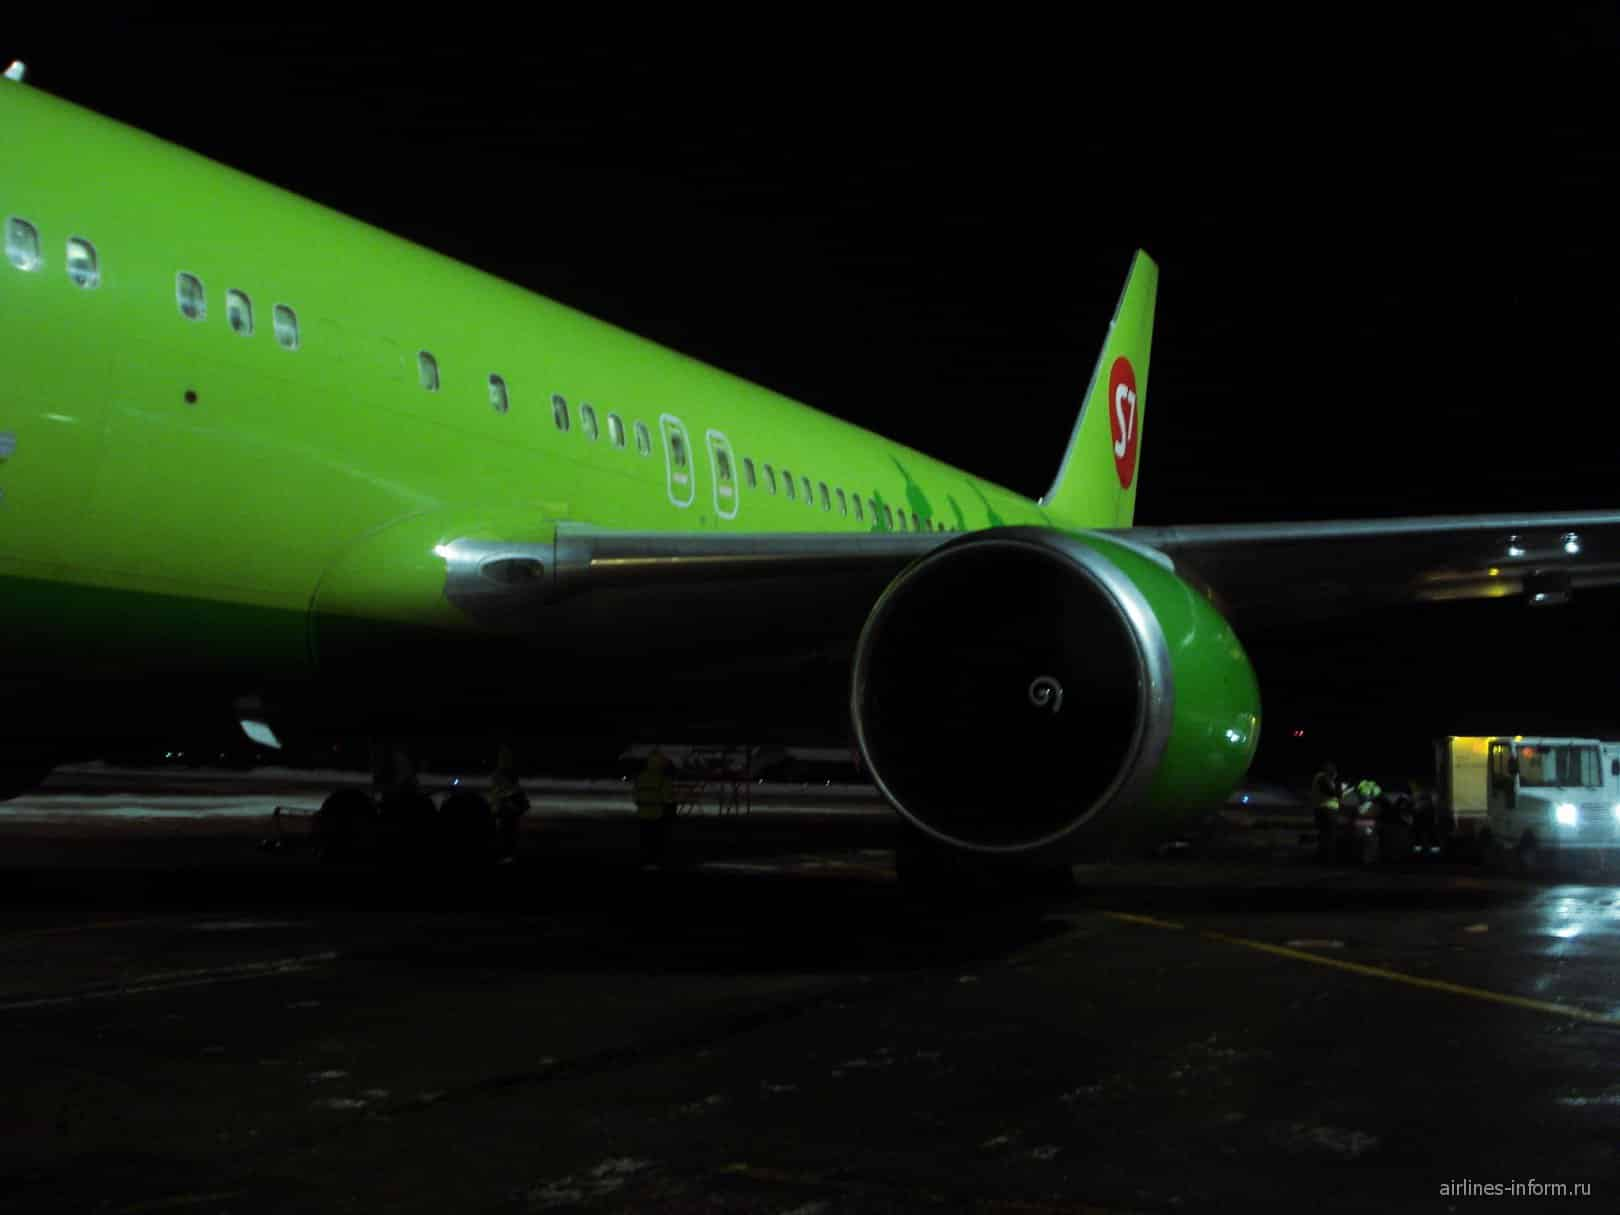 Аварийная посадка российского самолёта вылетевшего из Новосибирска